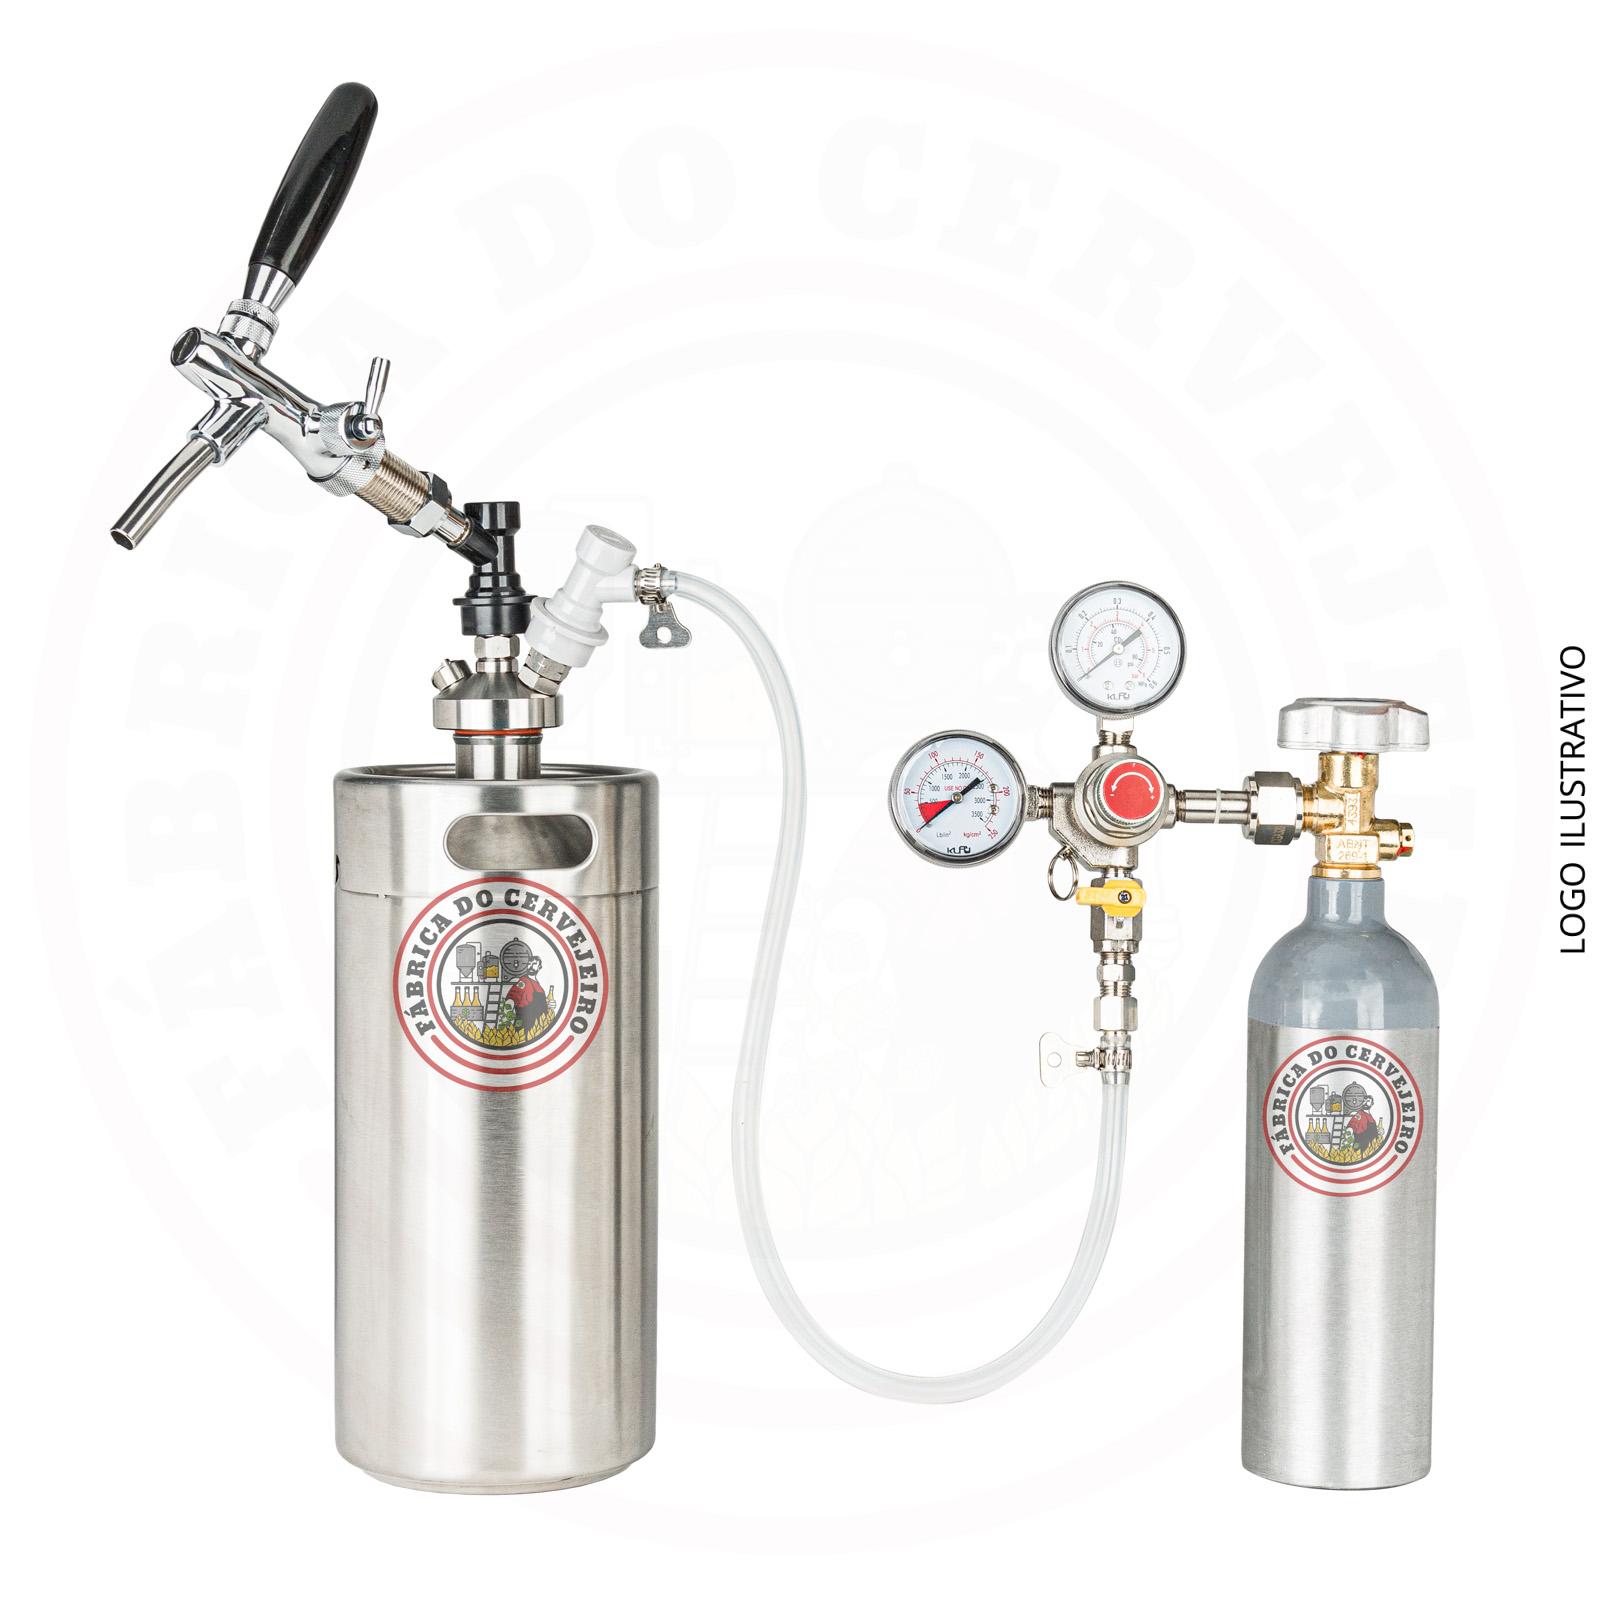 Kit mini keg growler 3,6L completo + kit extração com cilindro 600g e regulador de pressão